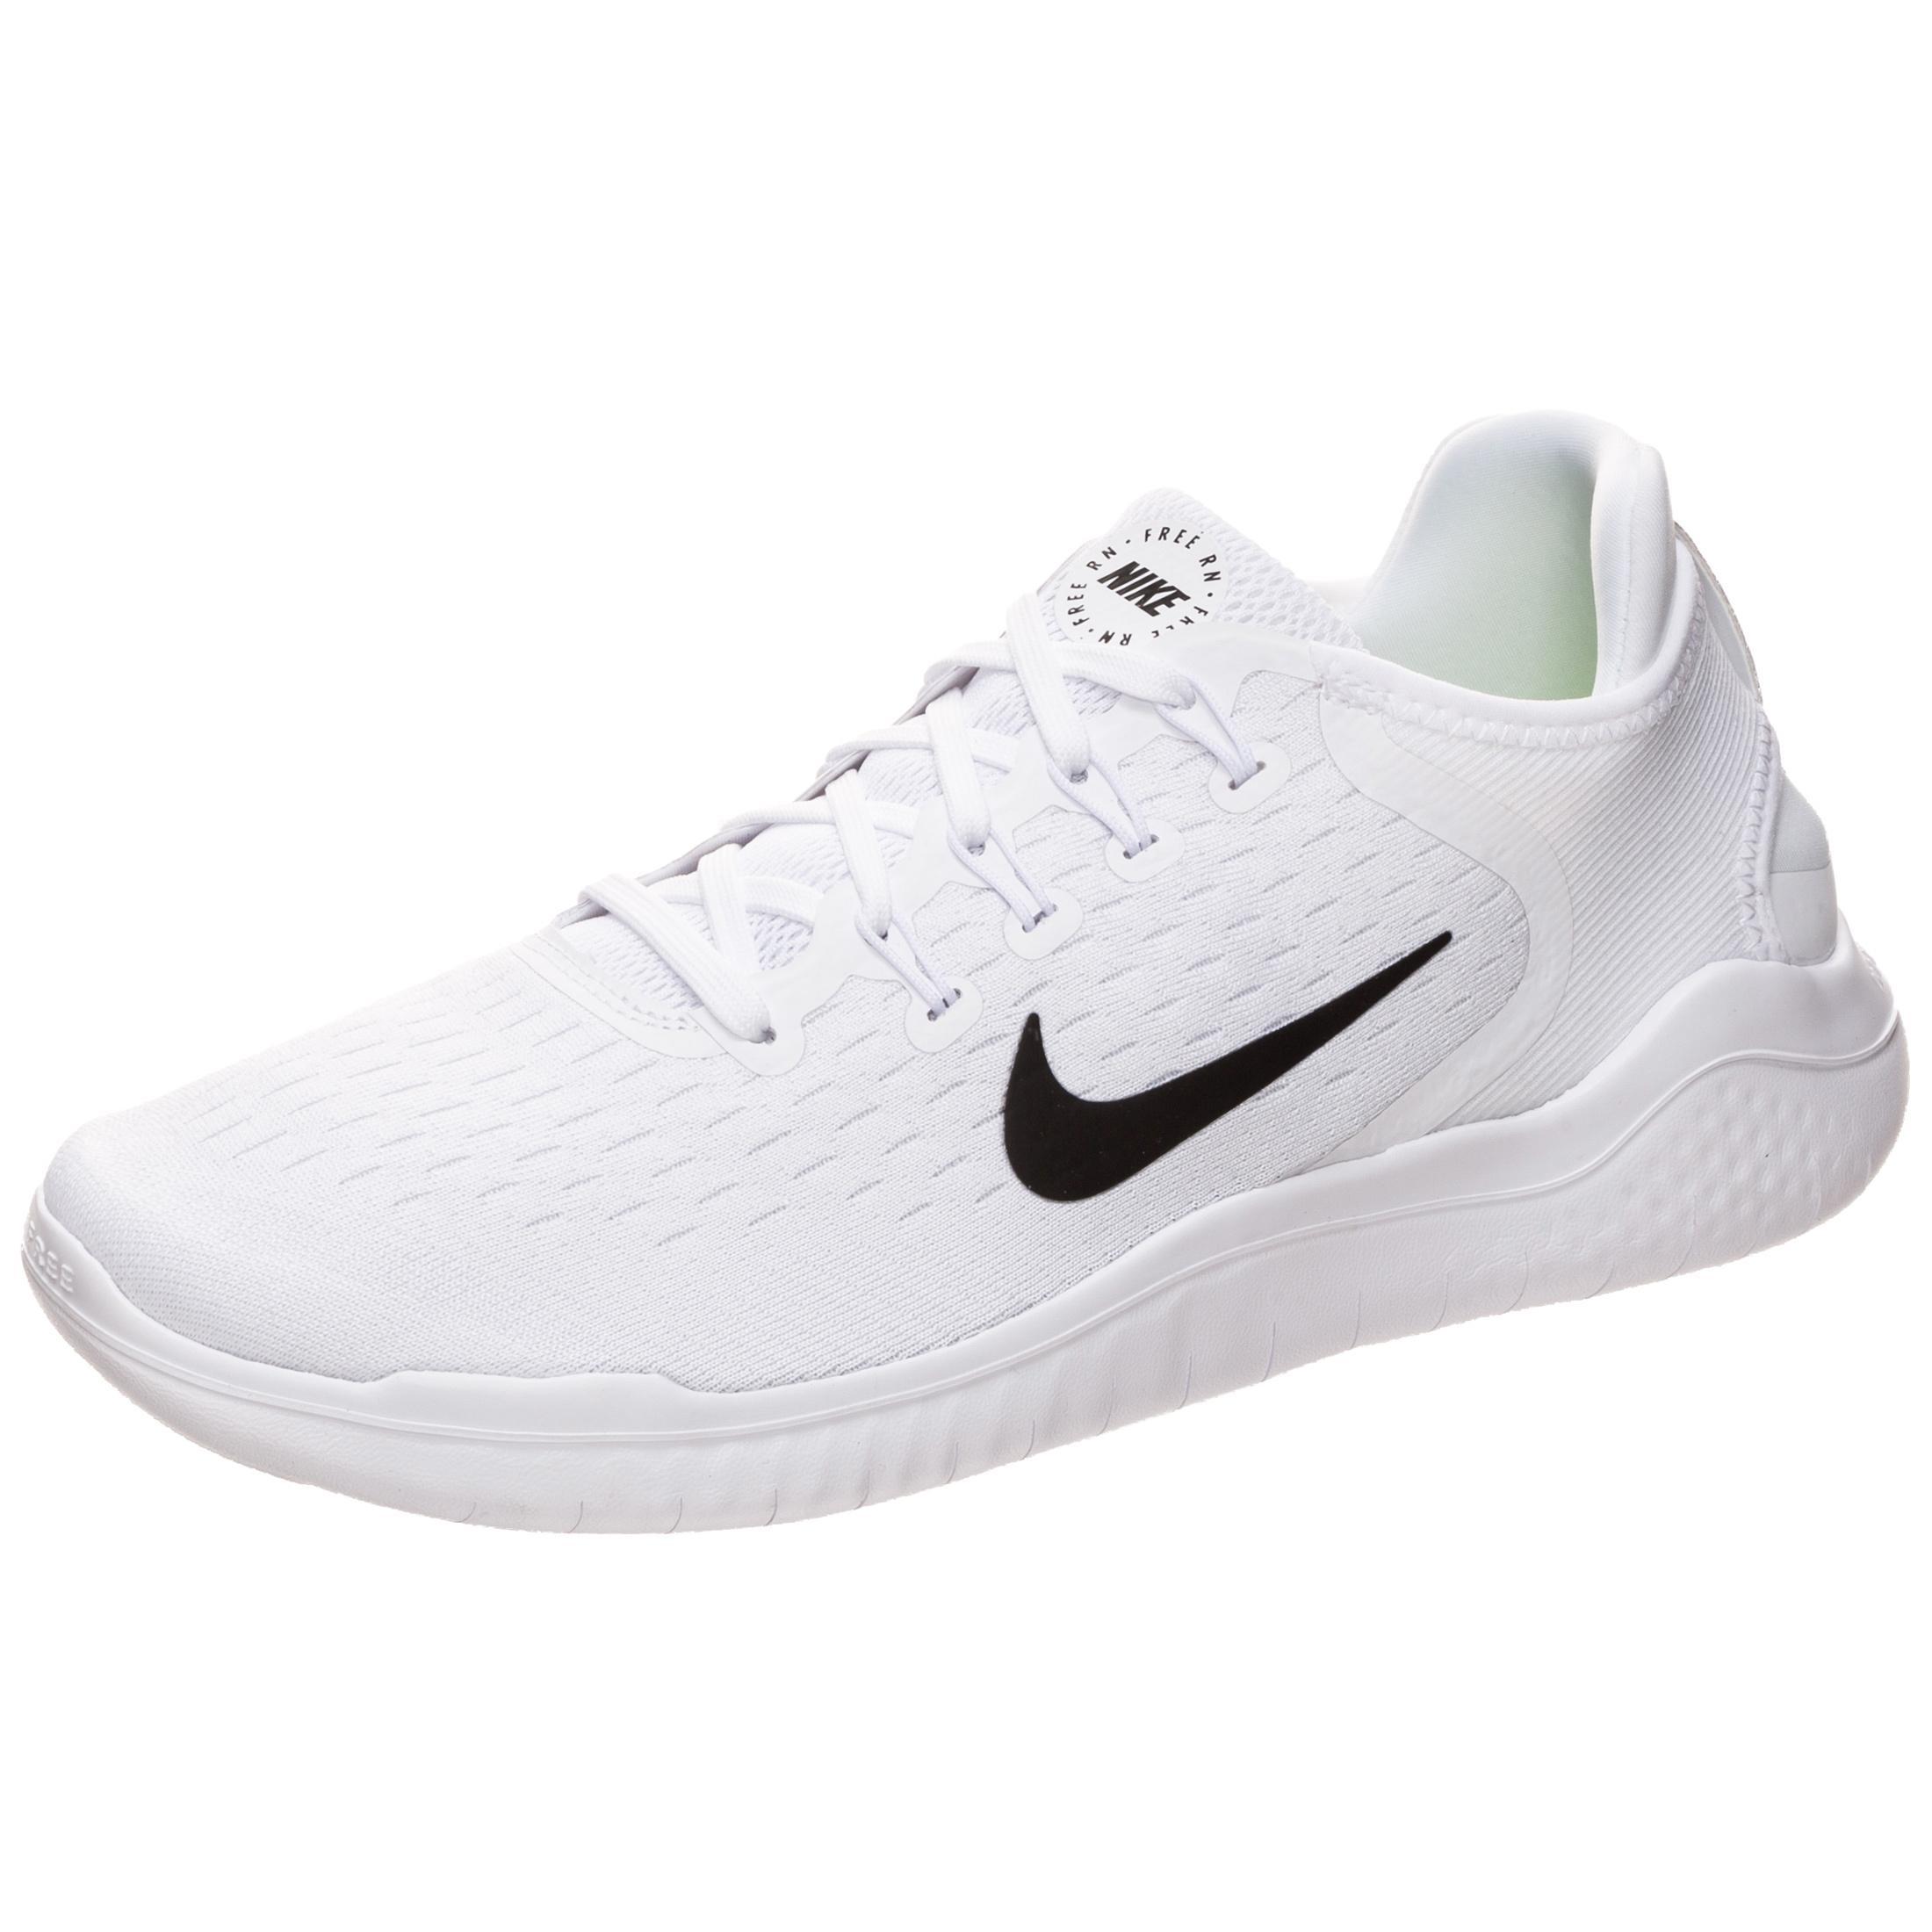 Nike Free RN 2018 Laufschuhe Herren weiß / schwarz im Online Shop von  SportScheck kaufen